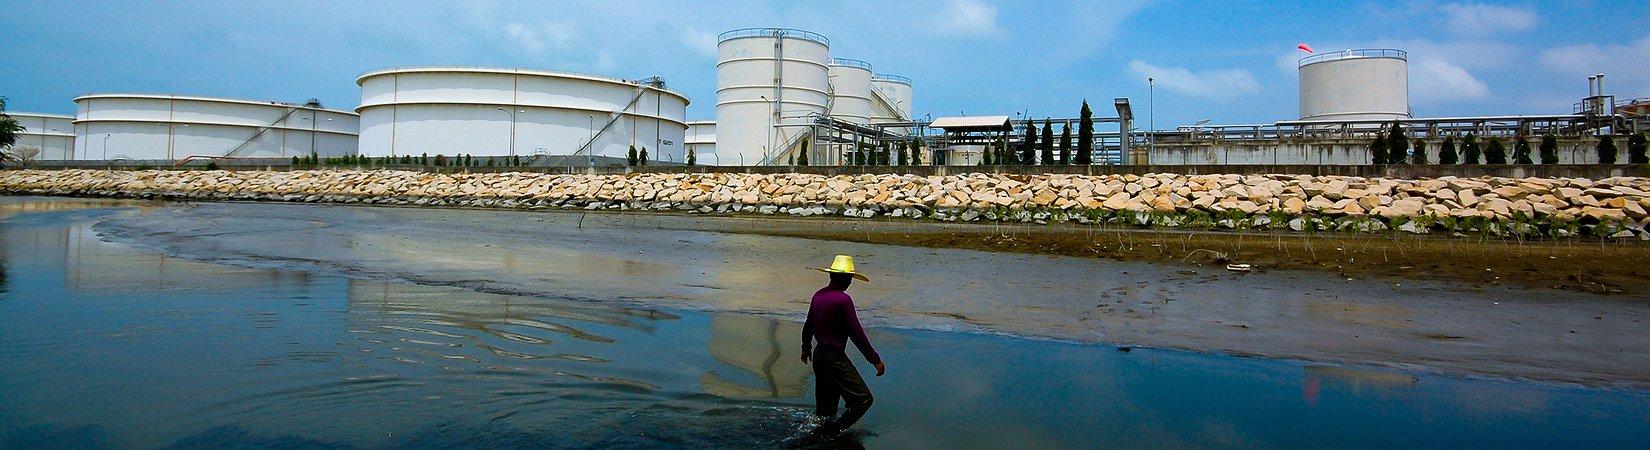 ¿Merece la pena invertir en ETF de petróleo?